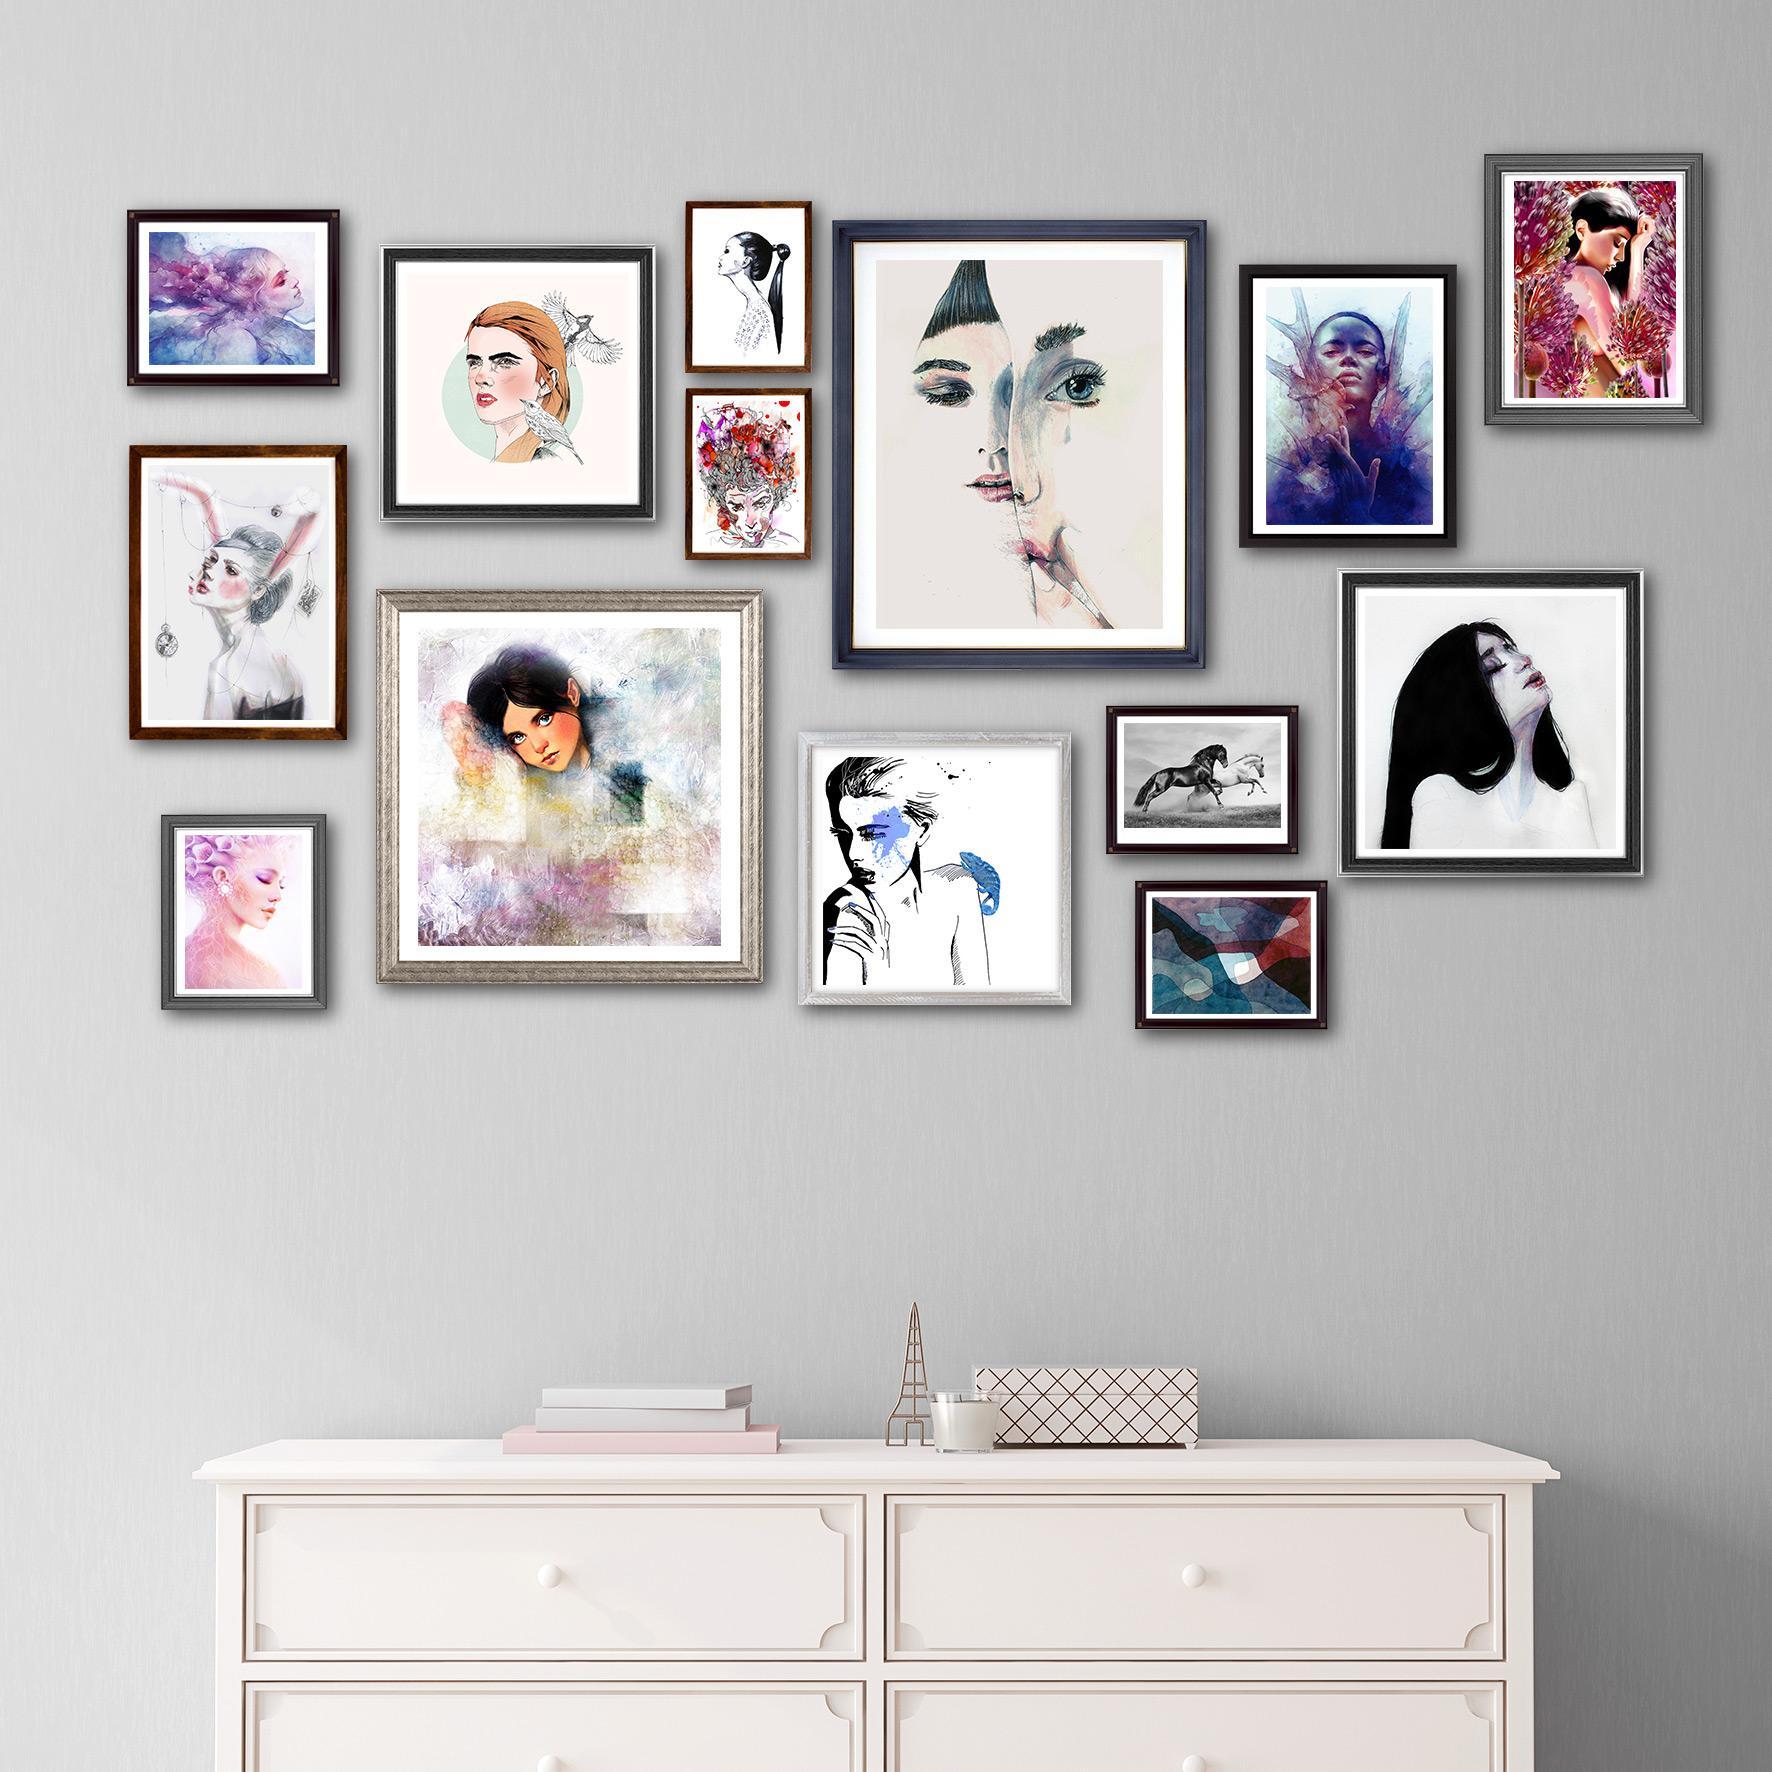 Sehr Bild aufhängen • Bilder & Ideen • COUCH AK42